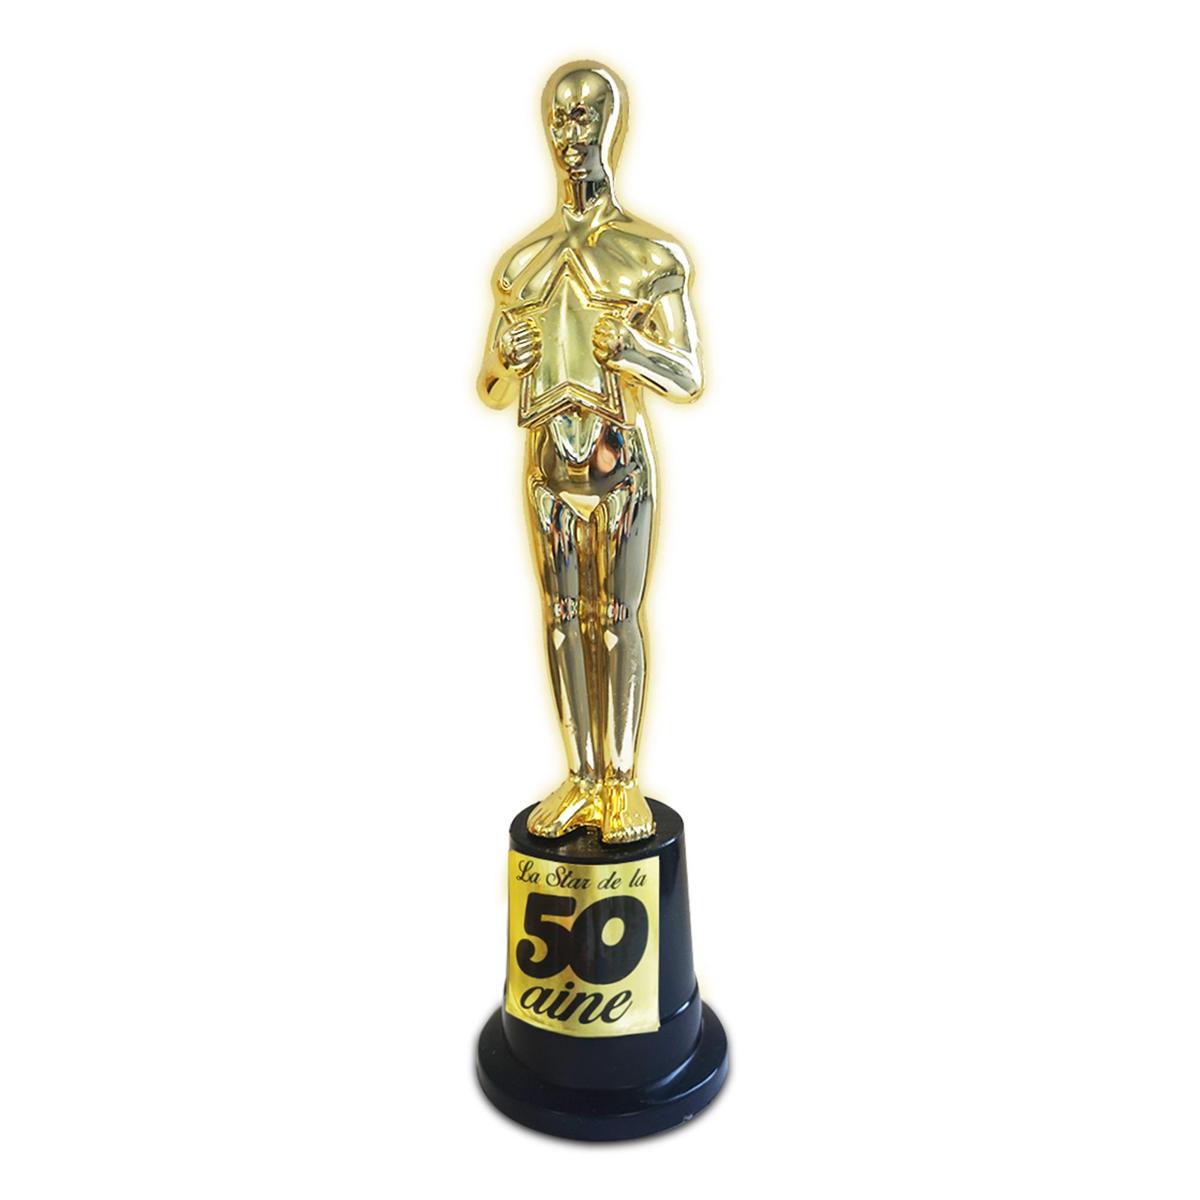 Trophée de star \'50 ans\' doré - 23x6 cm - [N4130]